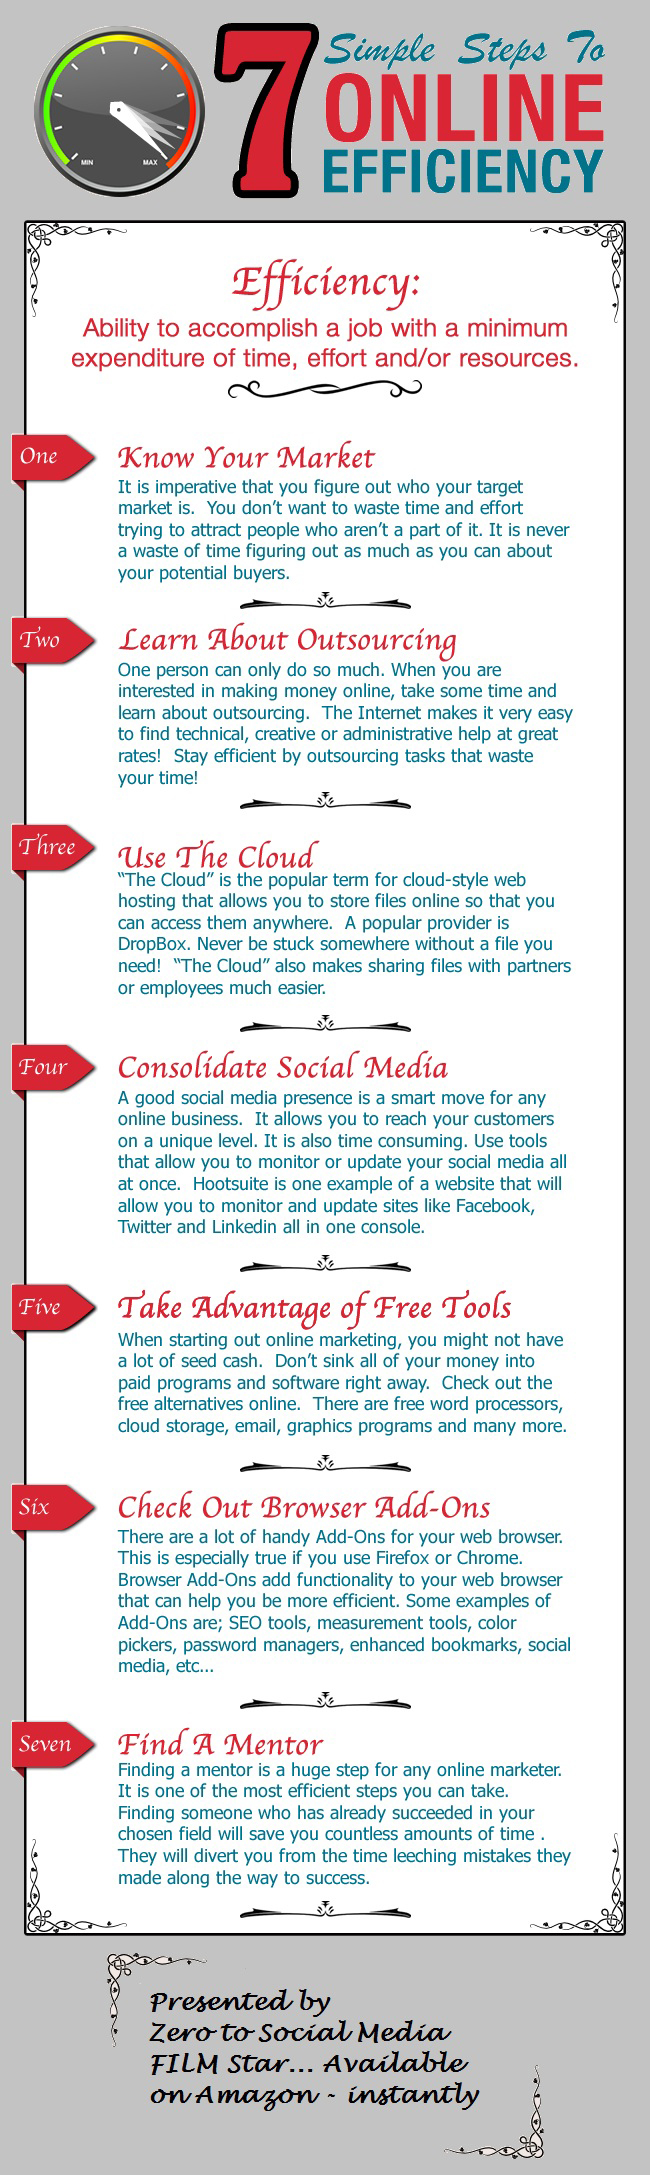 Mejora tu eficiencia online en 7 pasos